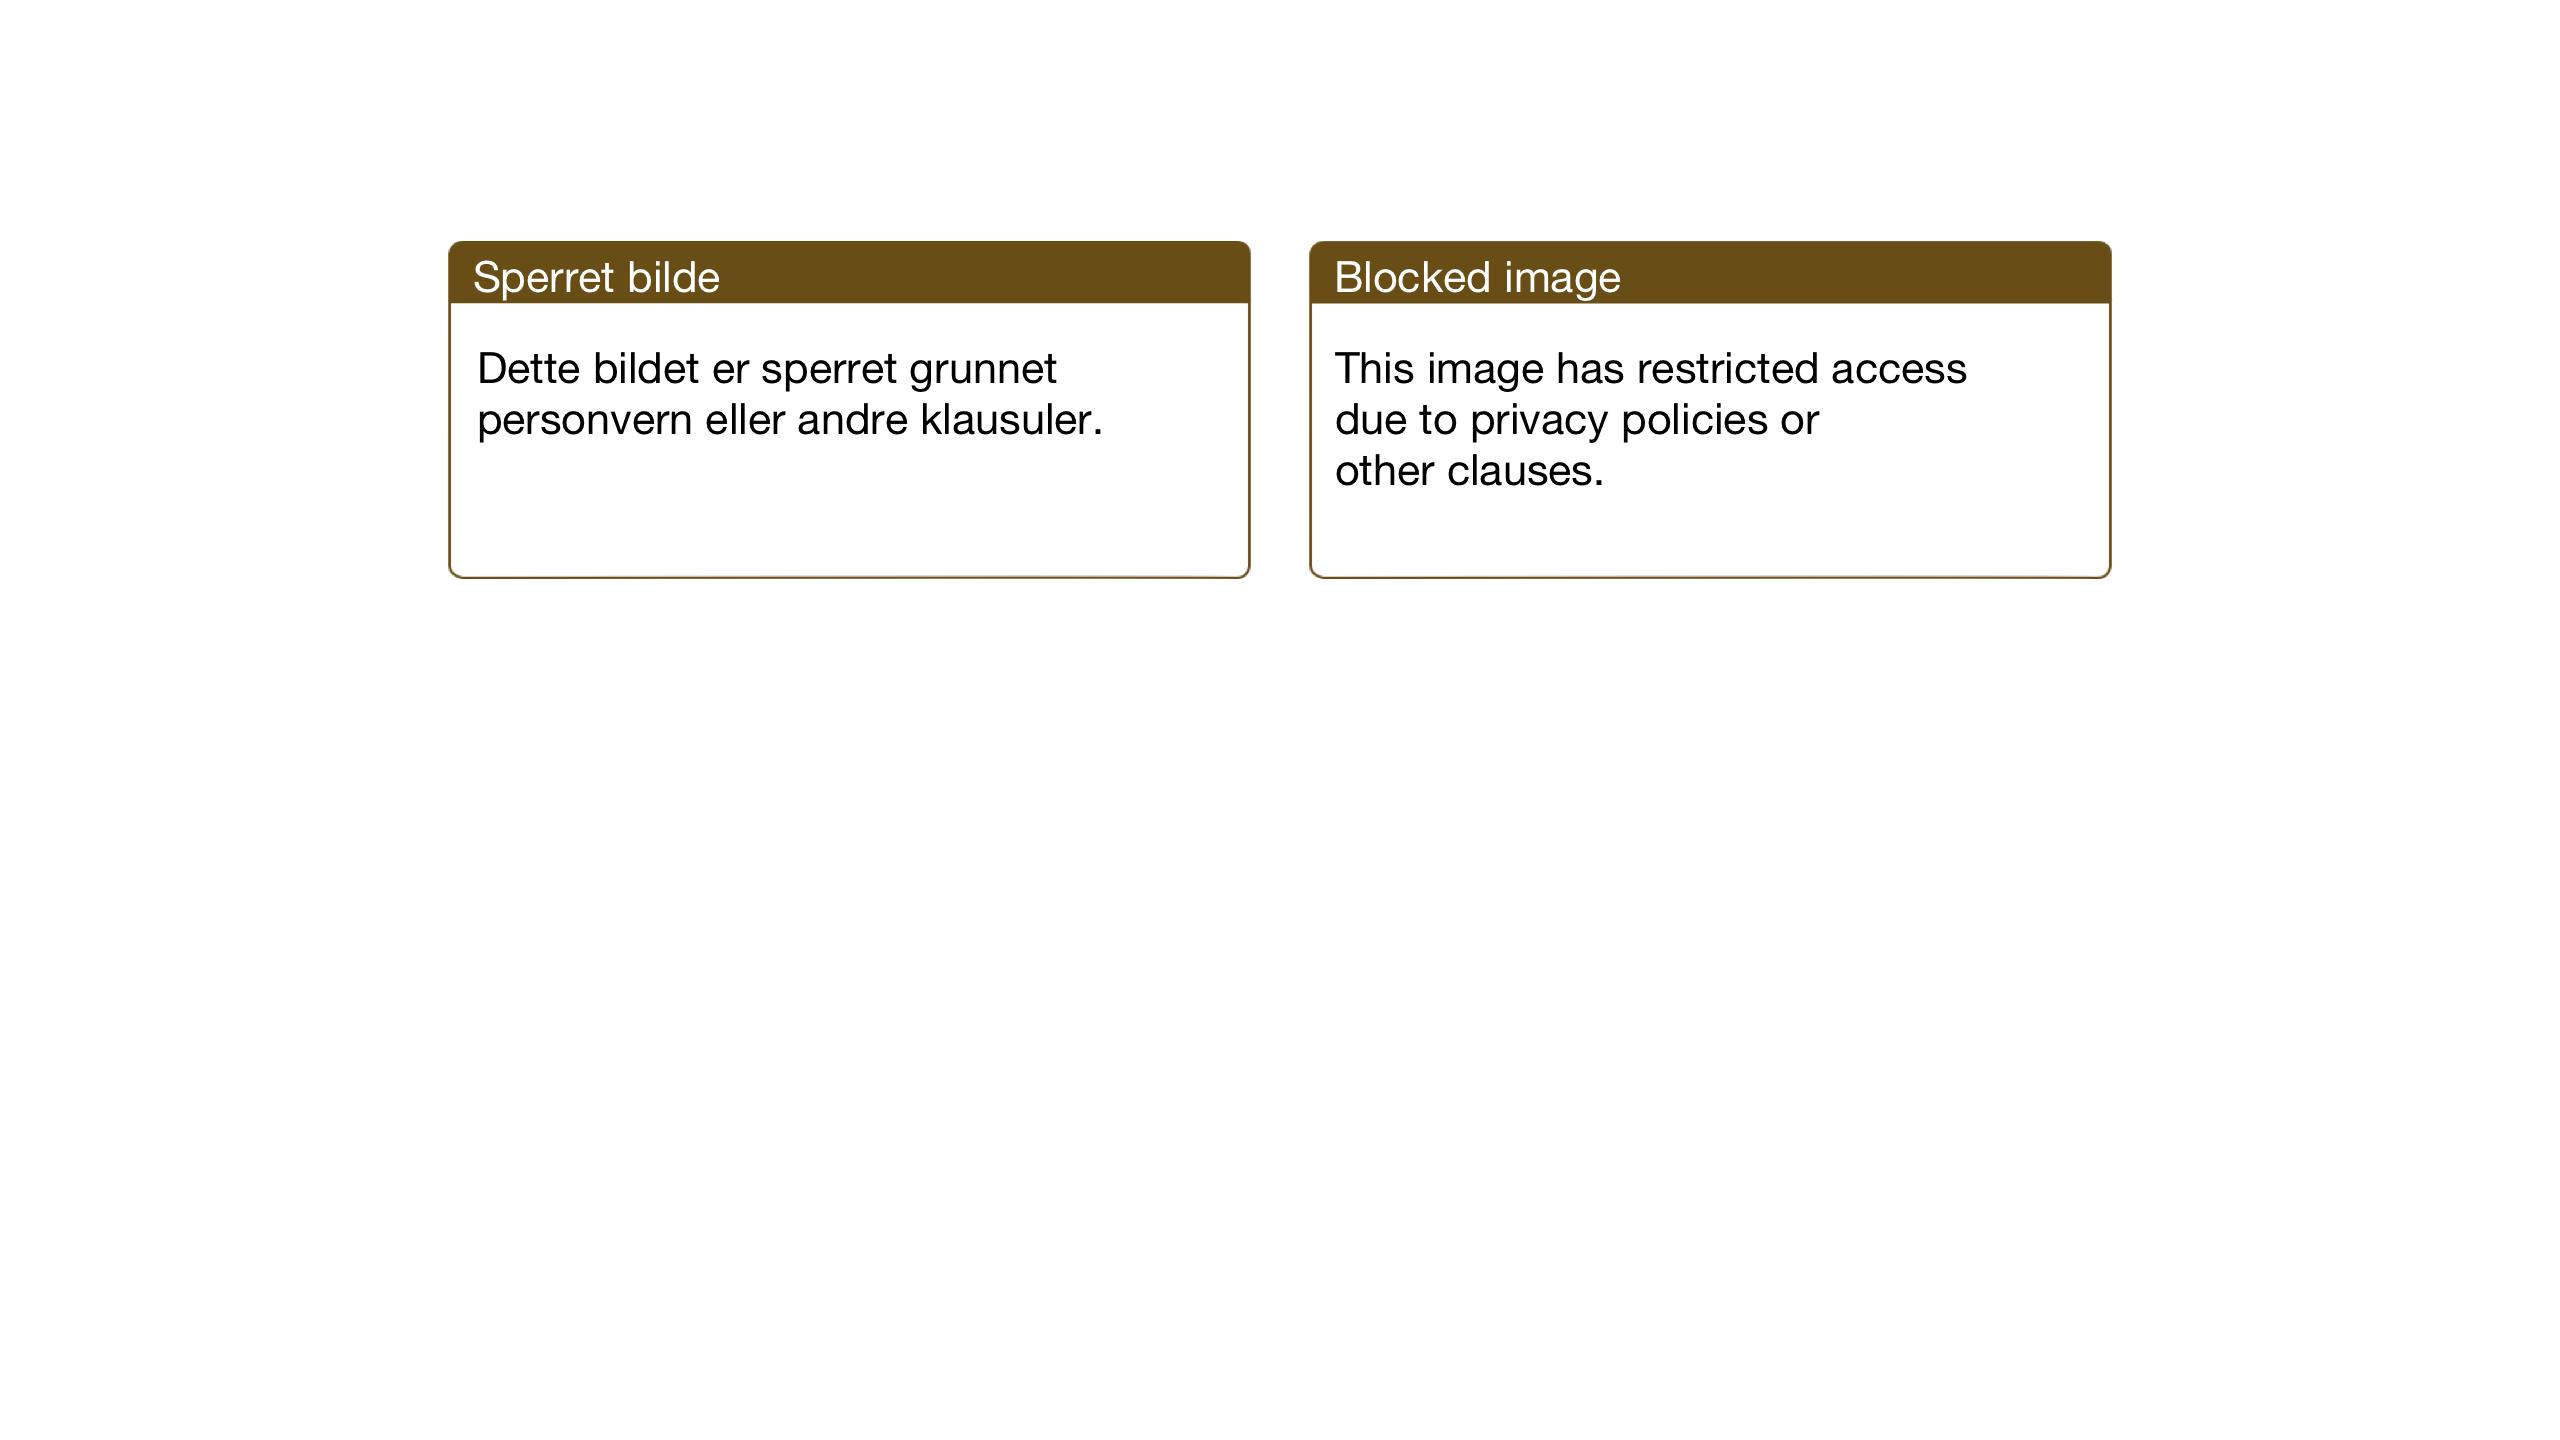 SAT, Ministerialprotokoller, klokkerbøker og fødselsregistre - Sør-Trøndelag, 637/L0563: Klokkerbok nr. 637C04, 1899-1940, s. 95